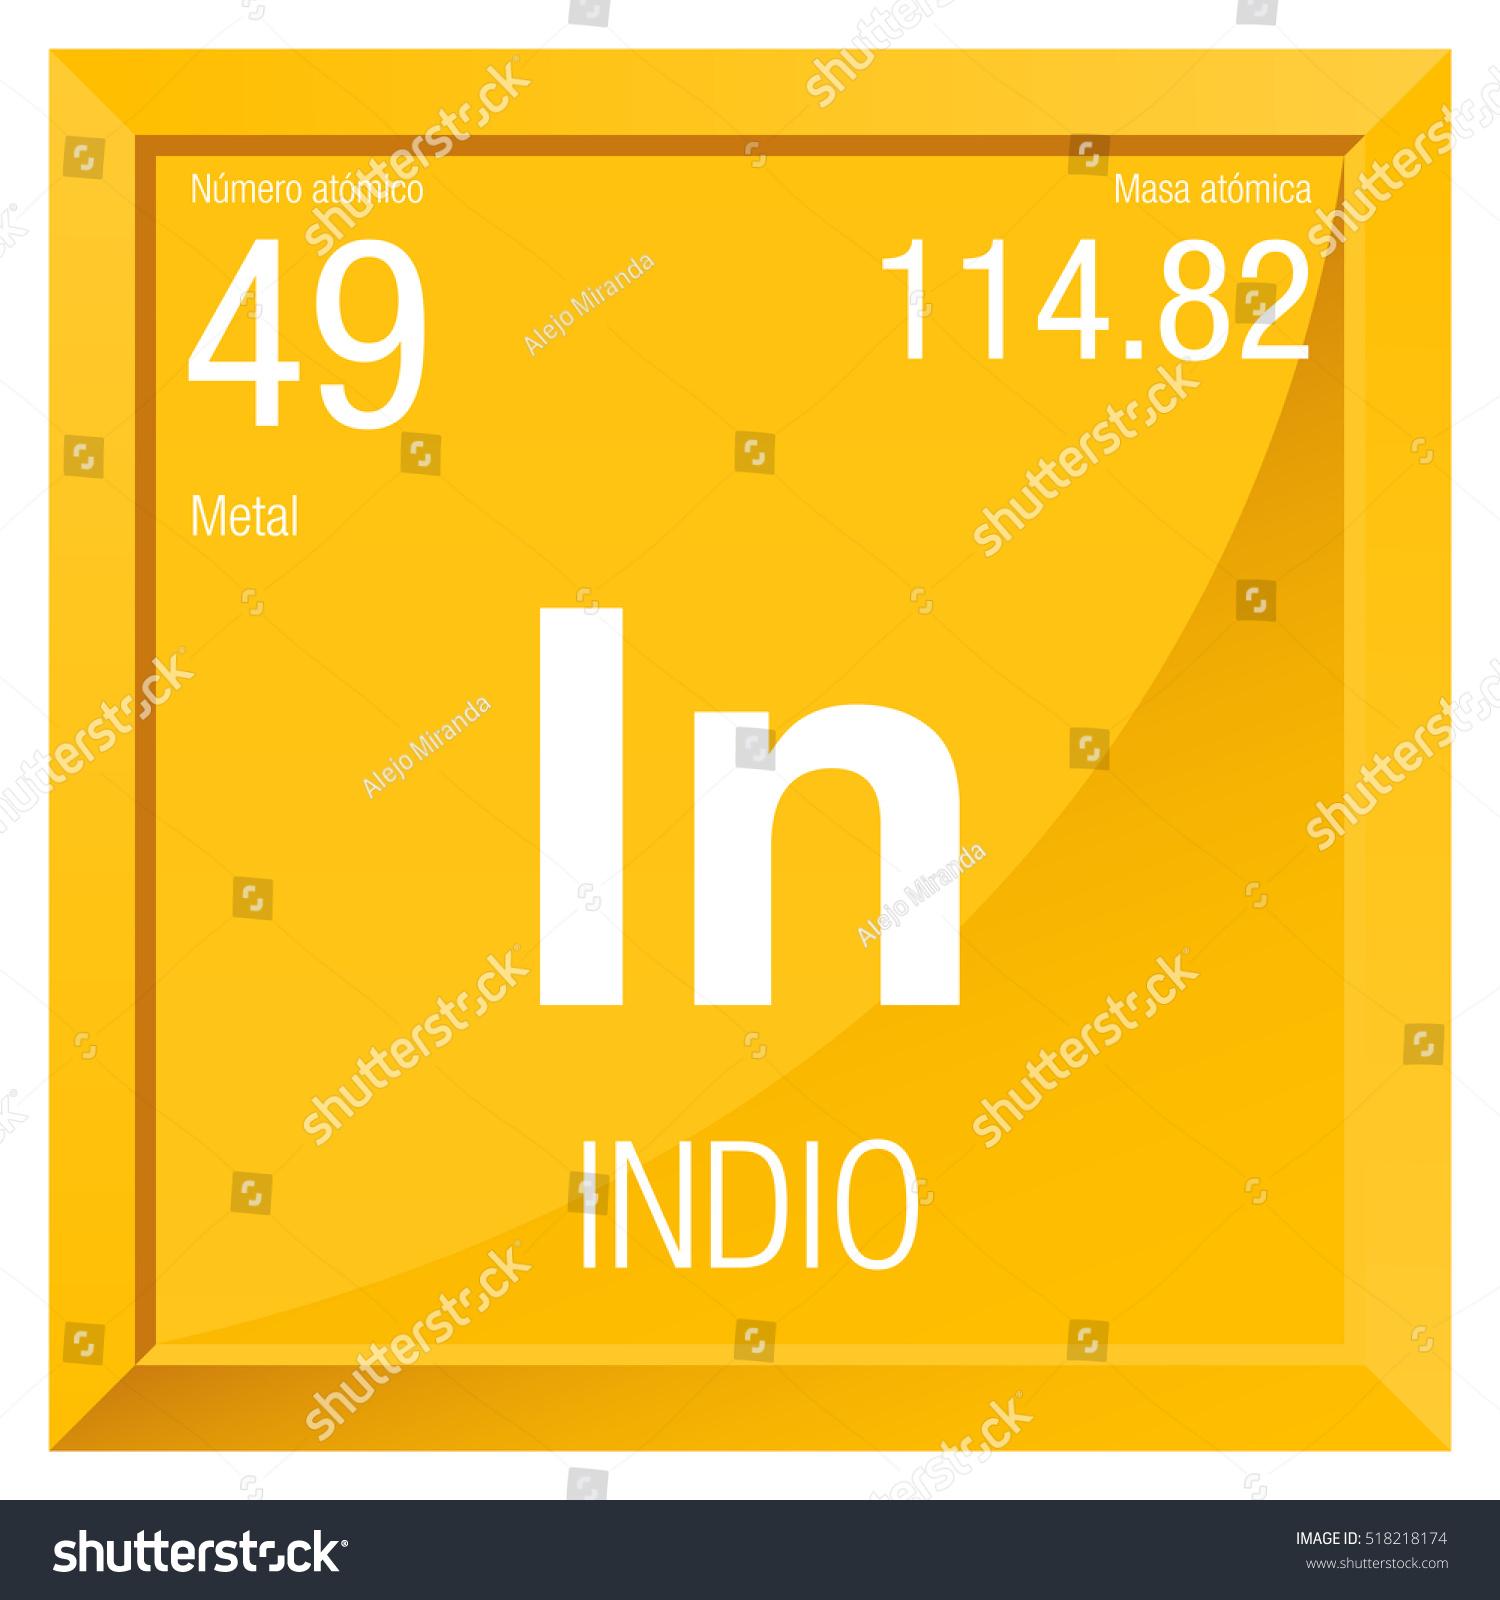 Indio symbol indium spanish language element stock vector 518218174 indio symbol indium spanish language element stock vector 518218174 shutterstock urtaz Choice Image